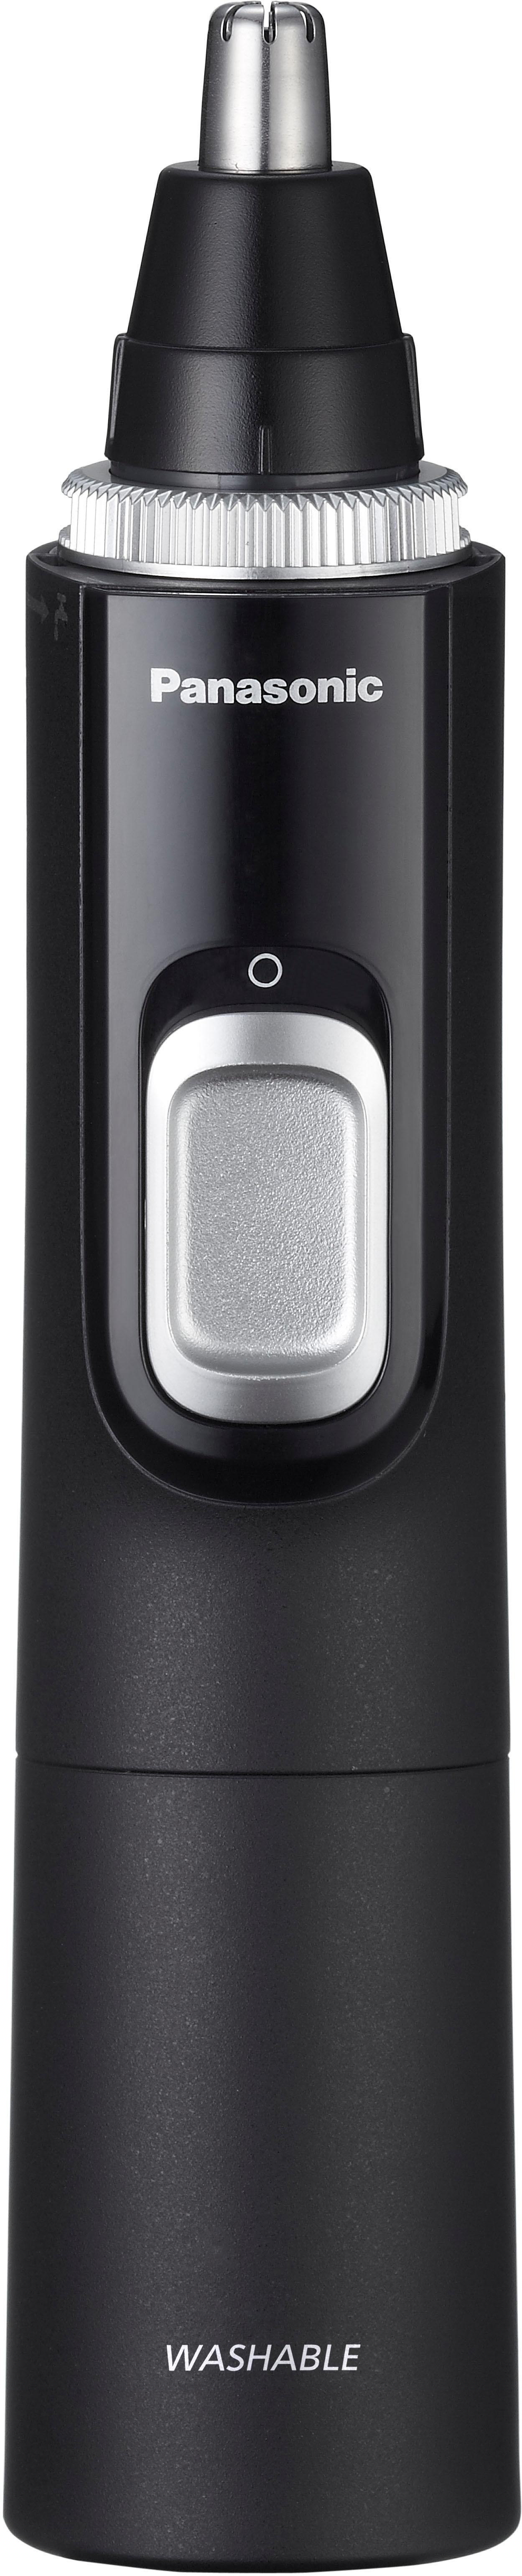 Panasonic neus- en oorhaartrimmer ER-GN300K503 met zuigfunctie nu online kopen bij OTTO